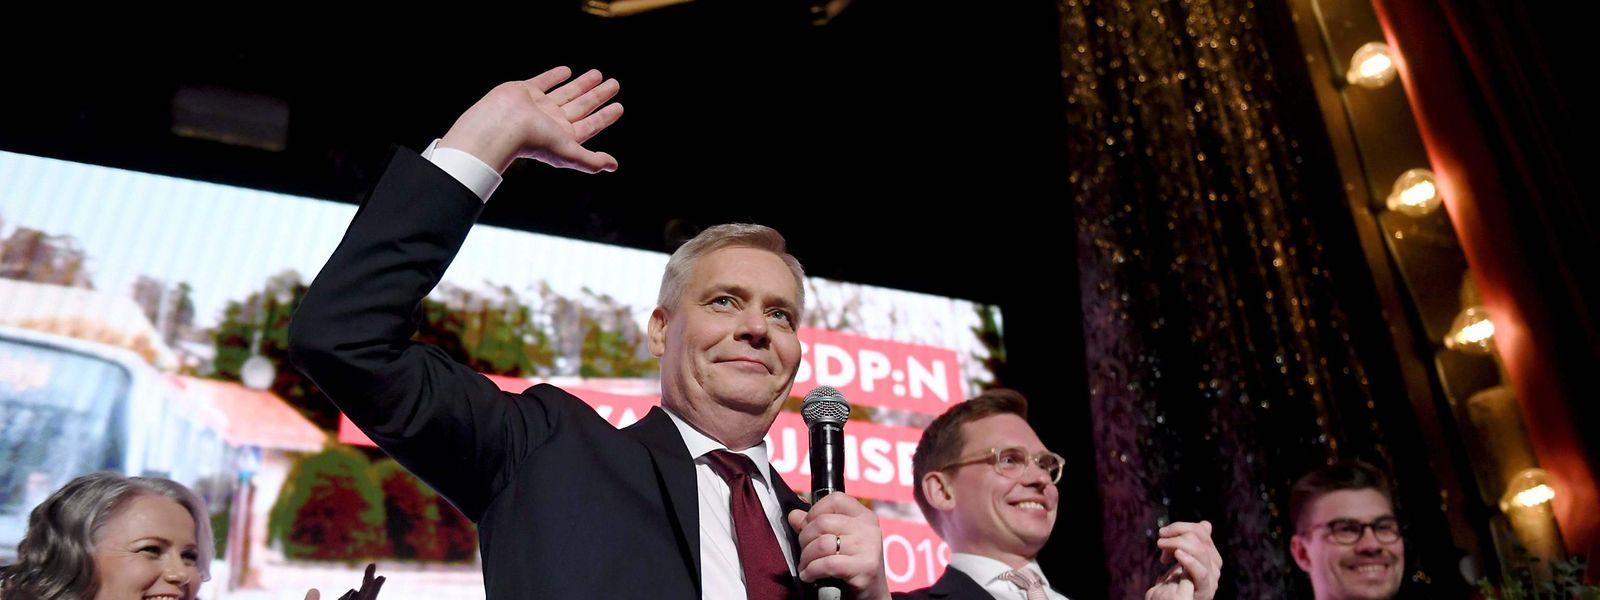 Der Chef der finnischen Sozialdemokraten, Antti Rinne, steht jetzt vor einer schwierigen Regierungsbildung.